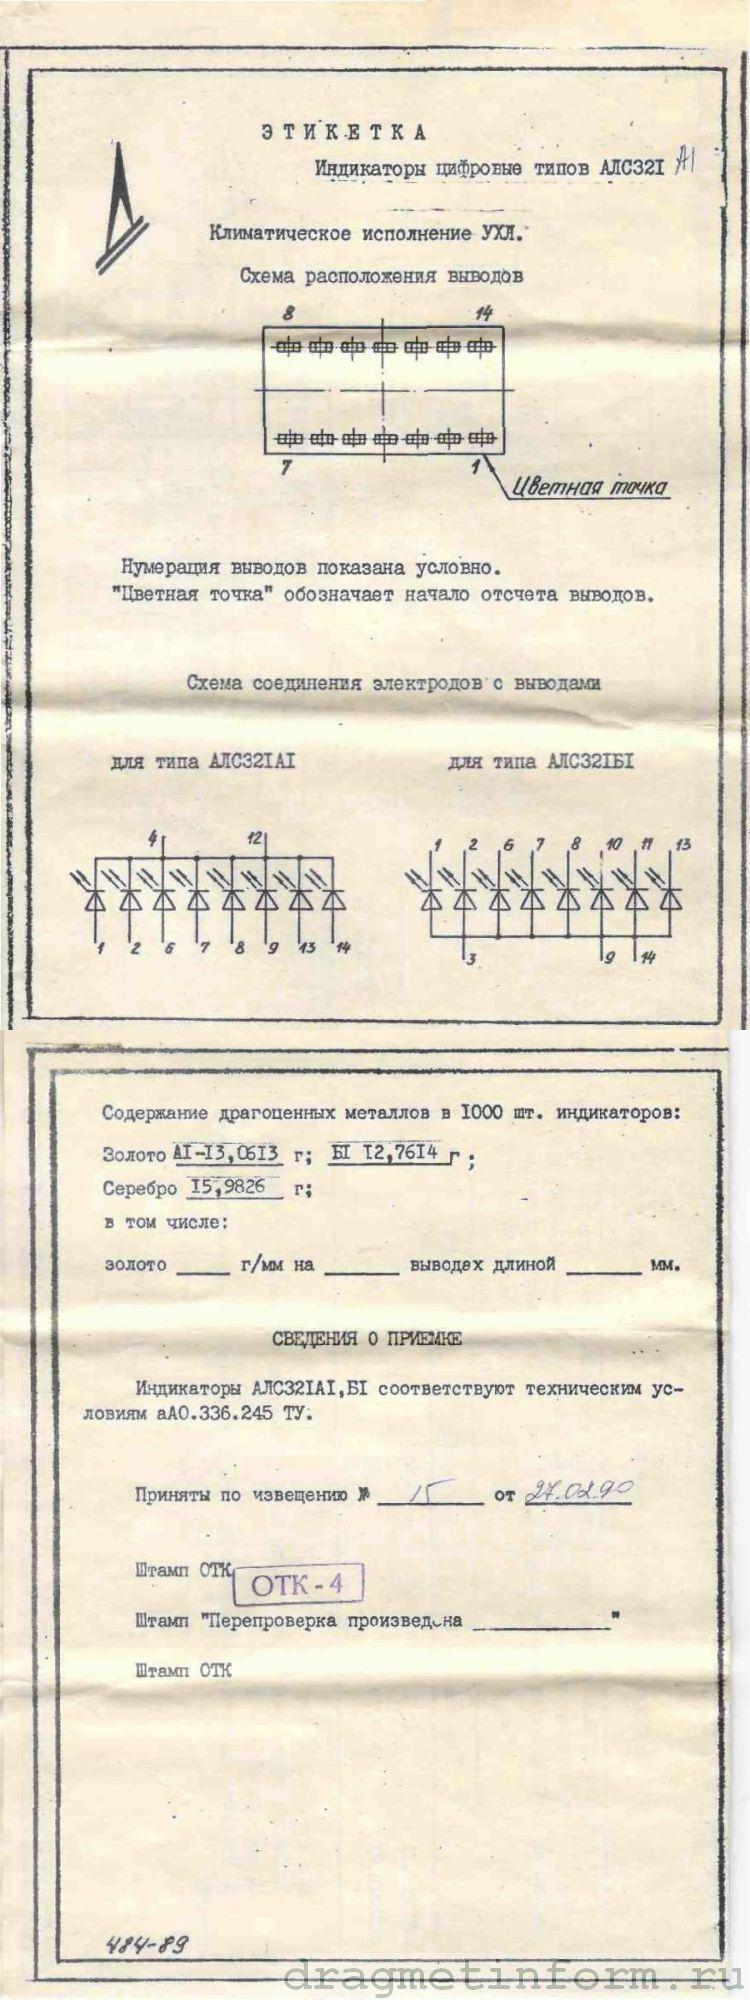 Формуляр АЛС321Б-1